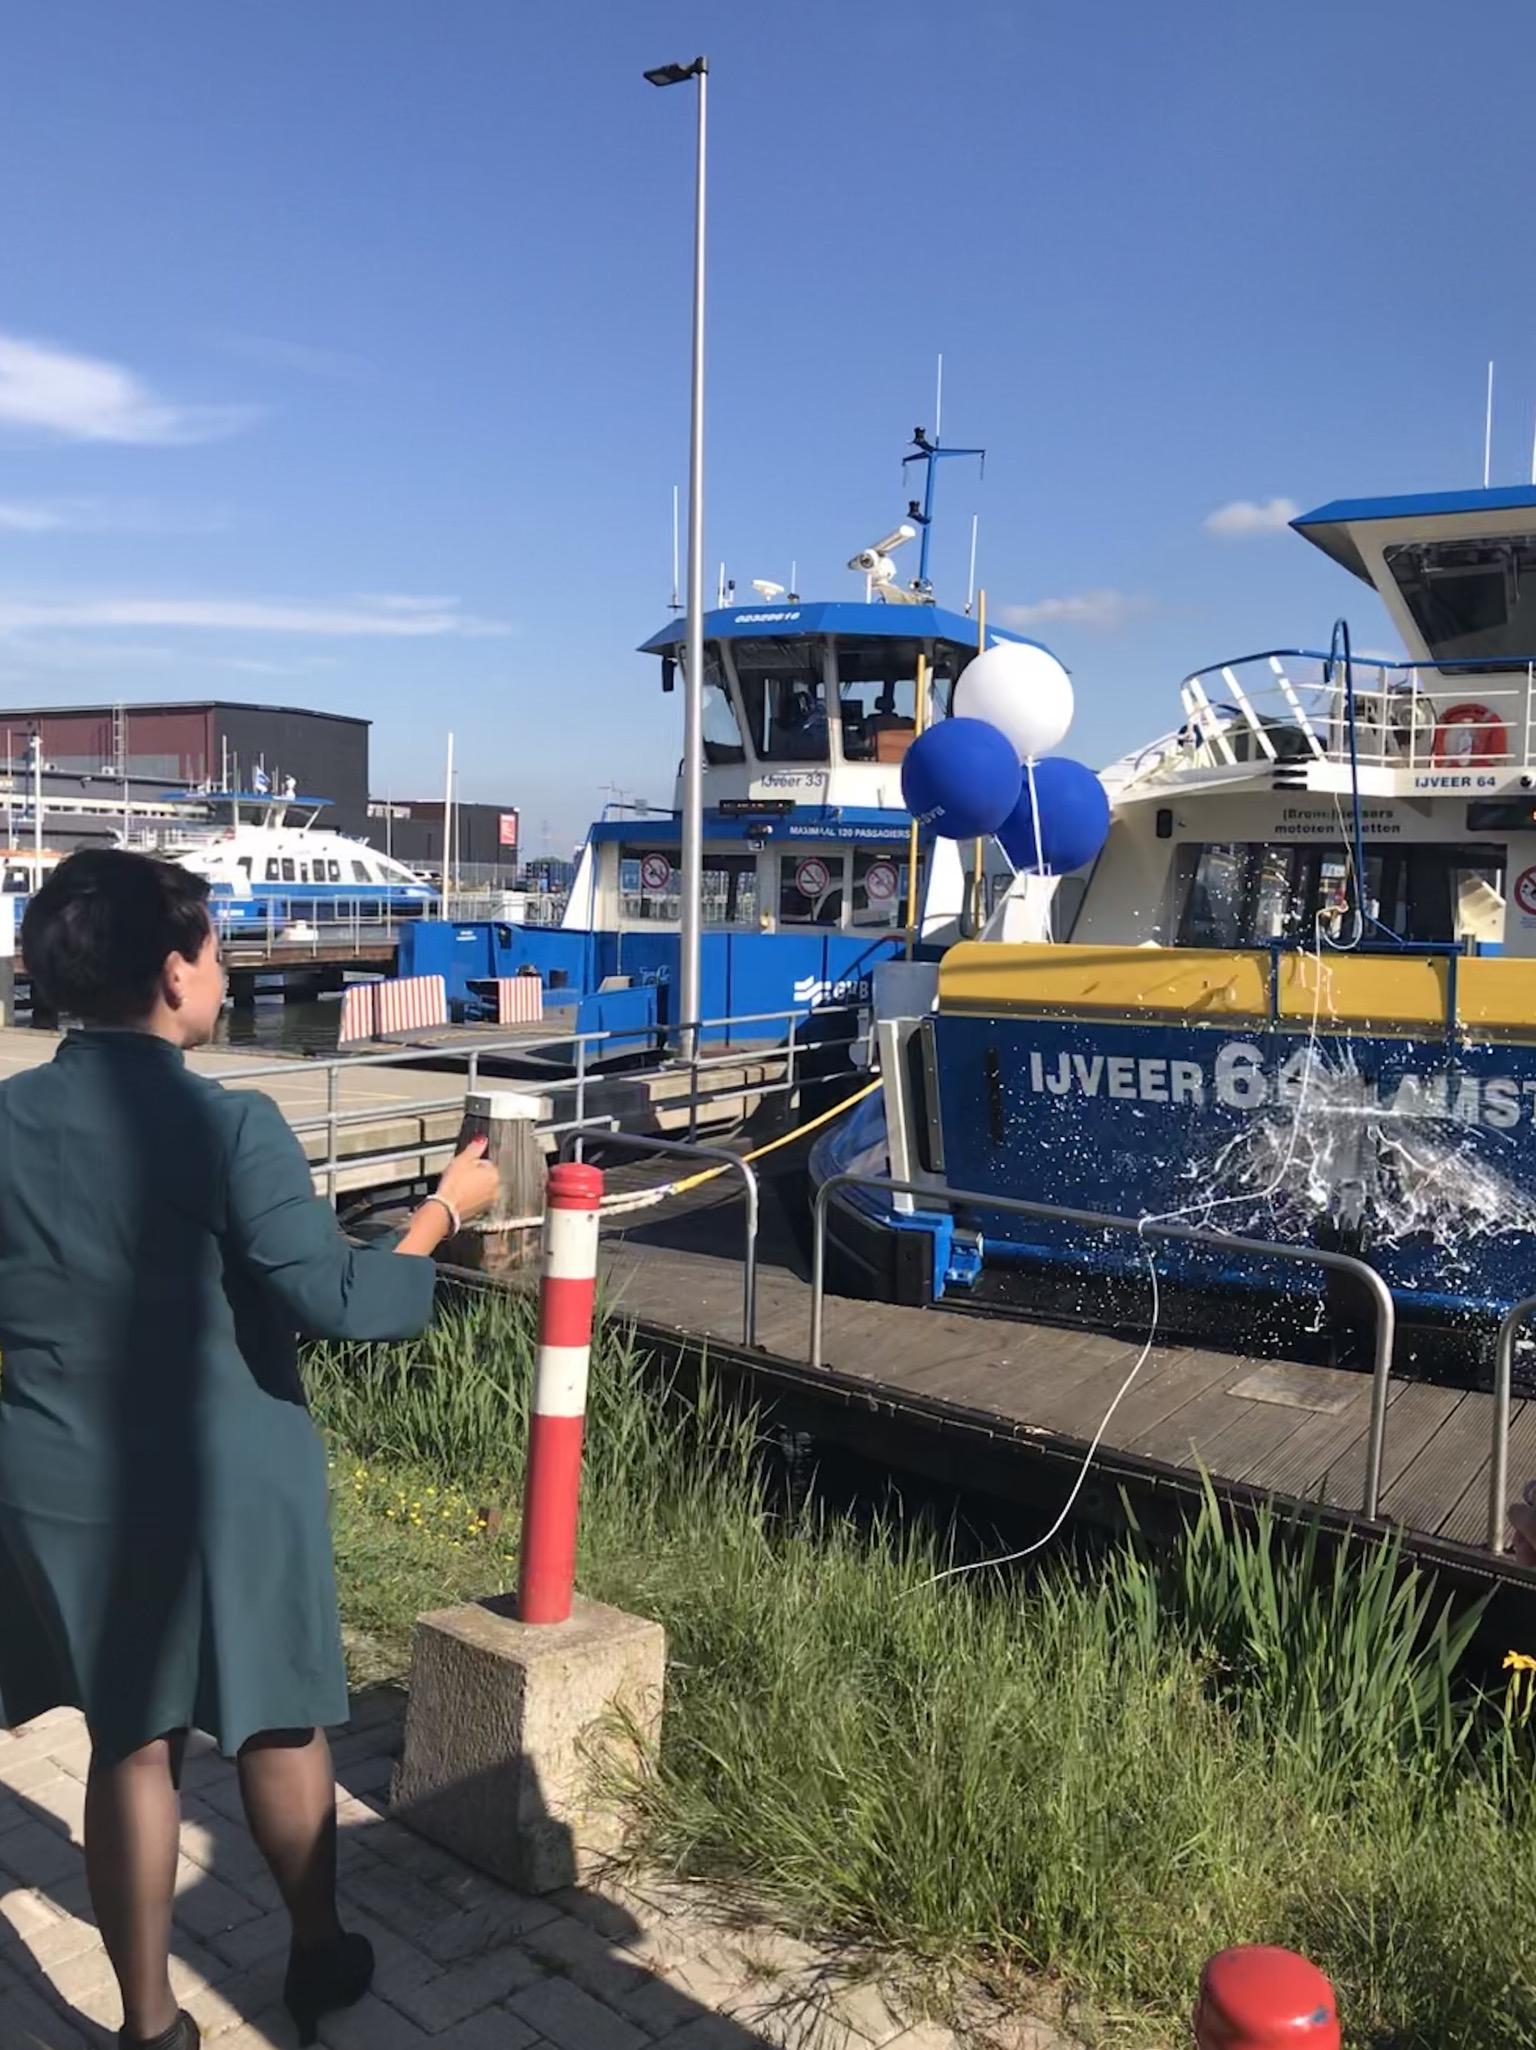 Nieuwe IJveer 64 doop wethouder Dijksma